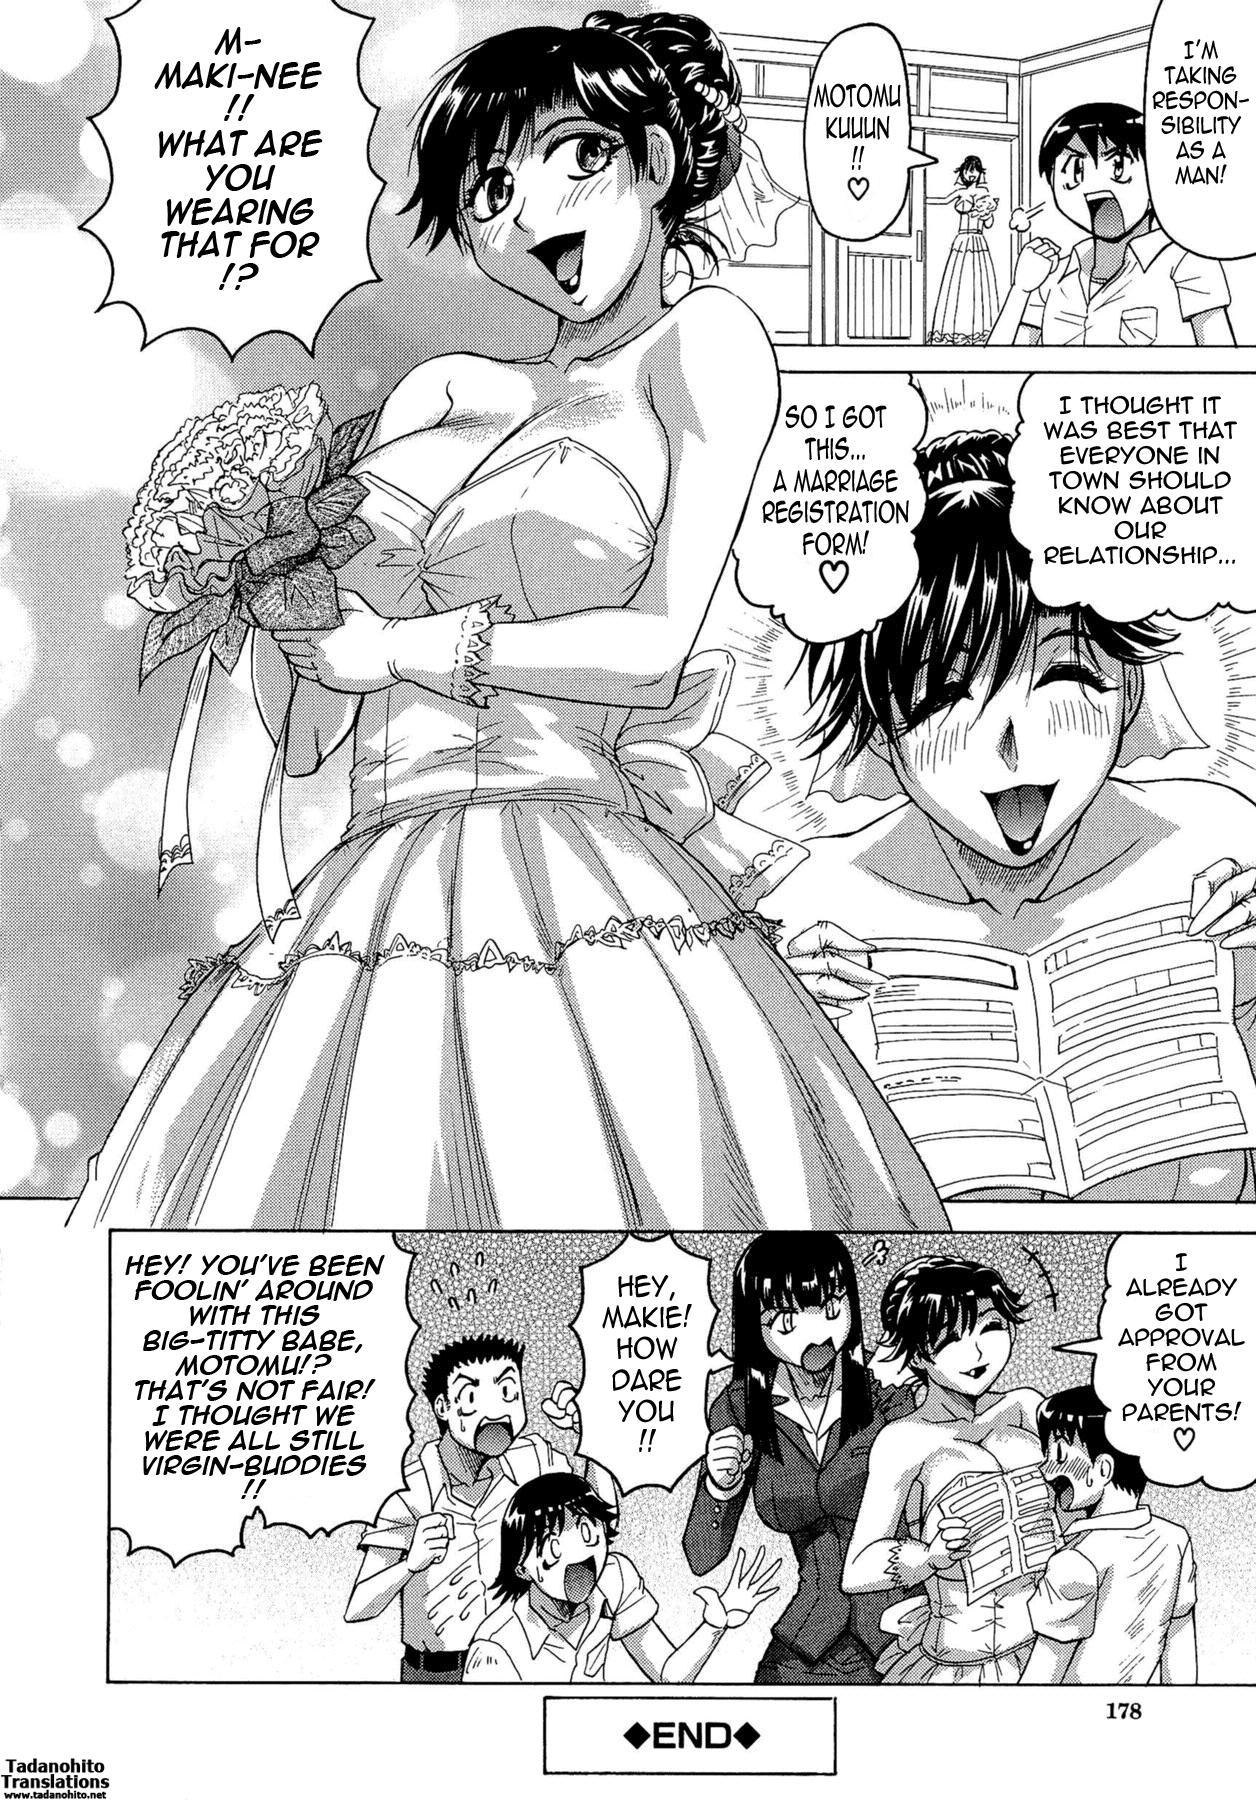 [Jamming] Koibito ha Tonari no Oneesan (Hatsujyouki) | My Lover is the Girl Next Door [English] {Tadanohito} 179